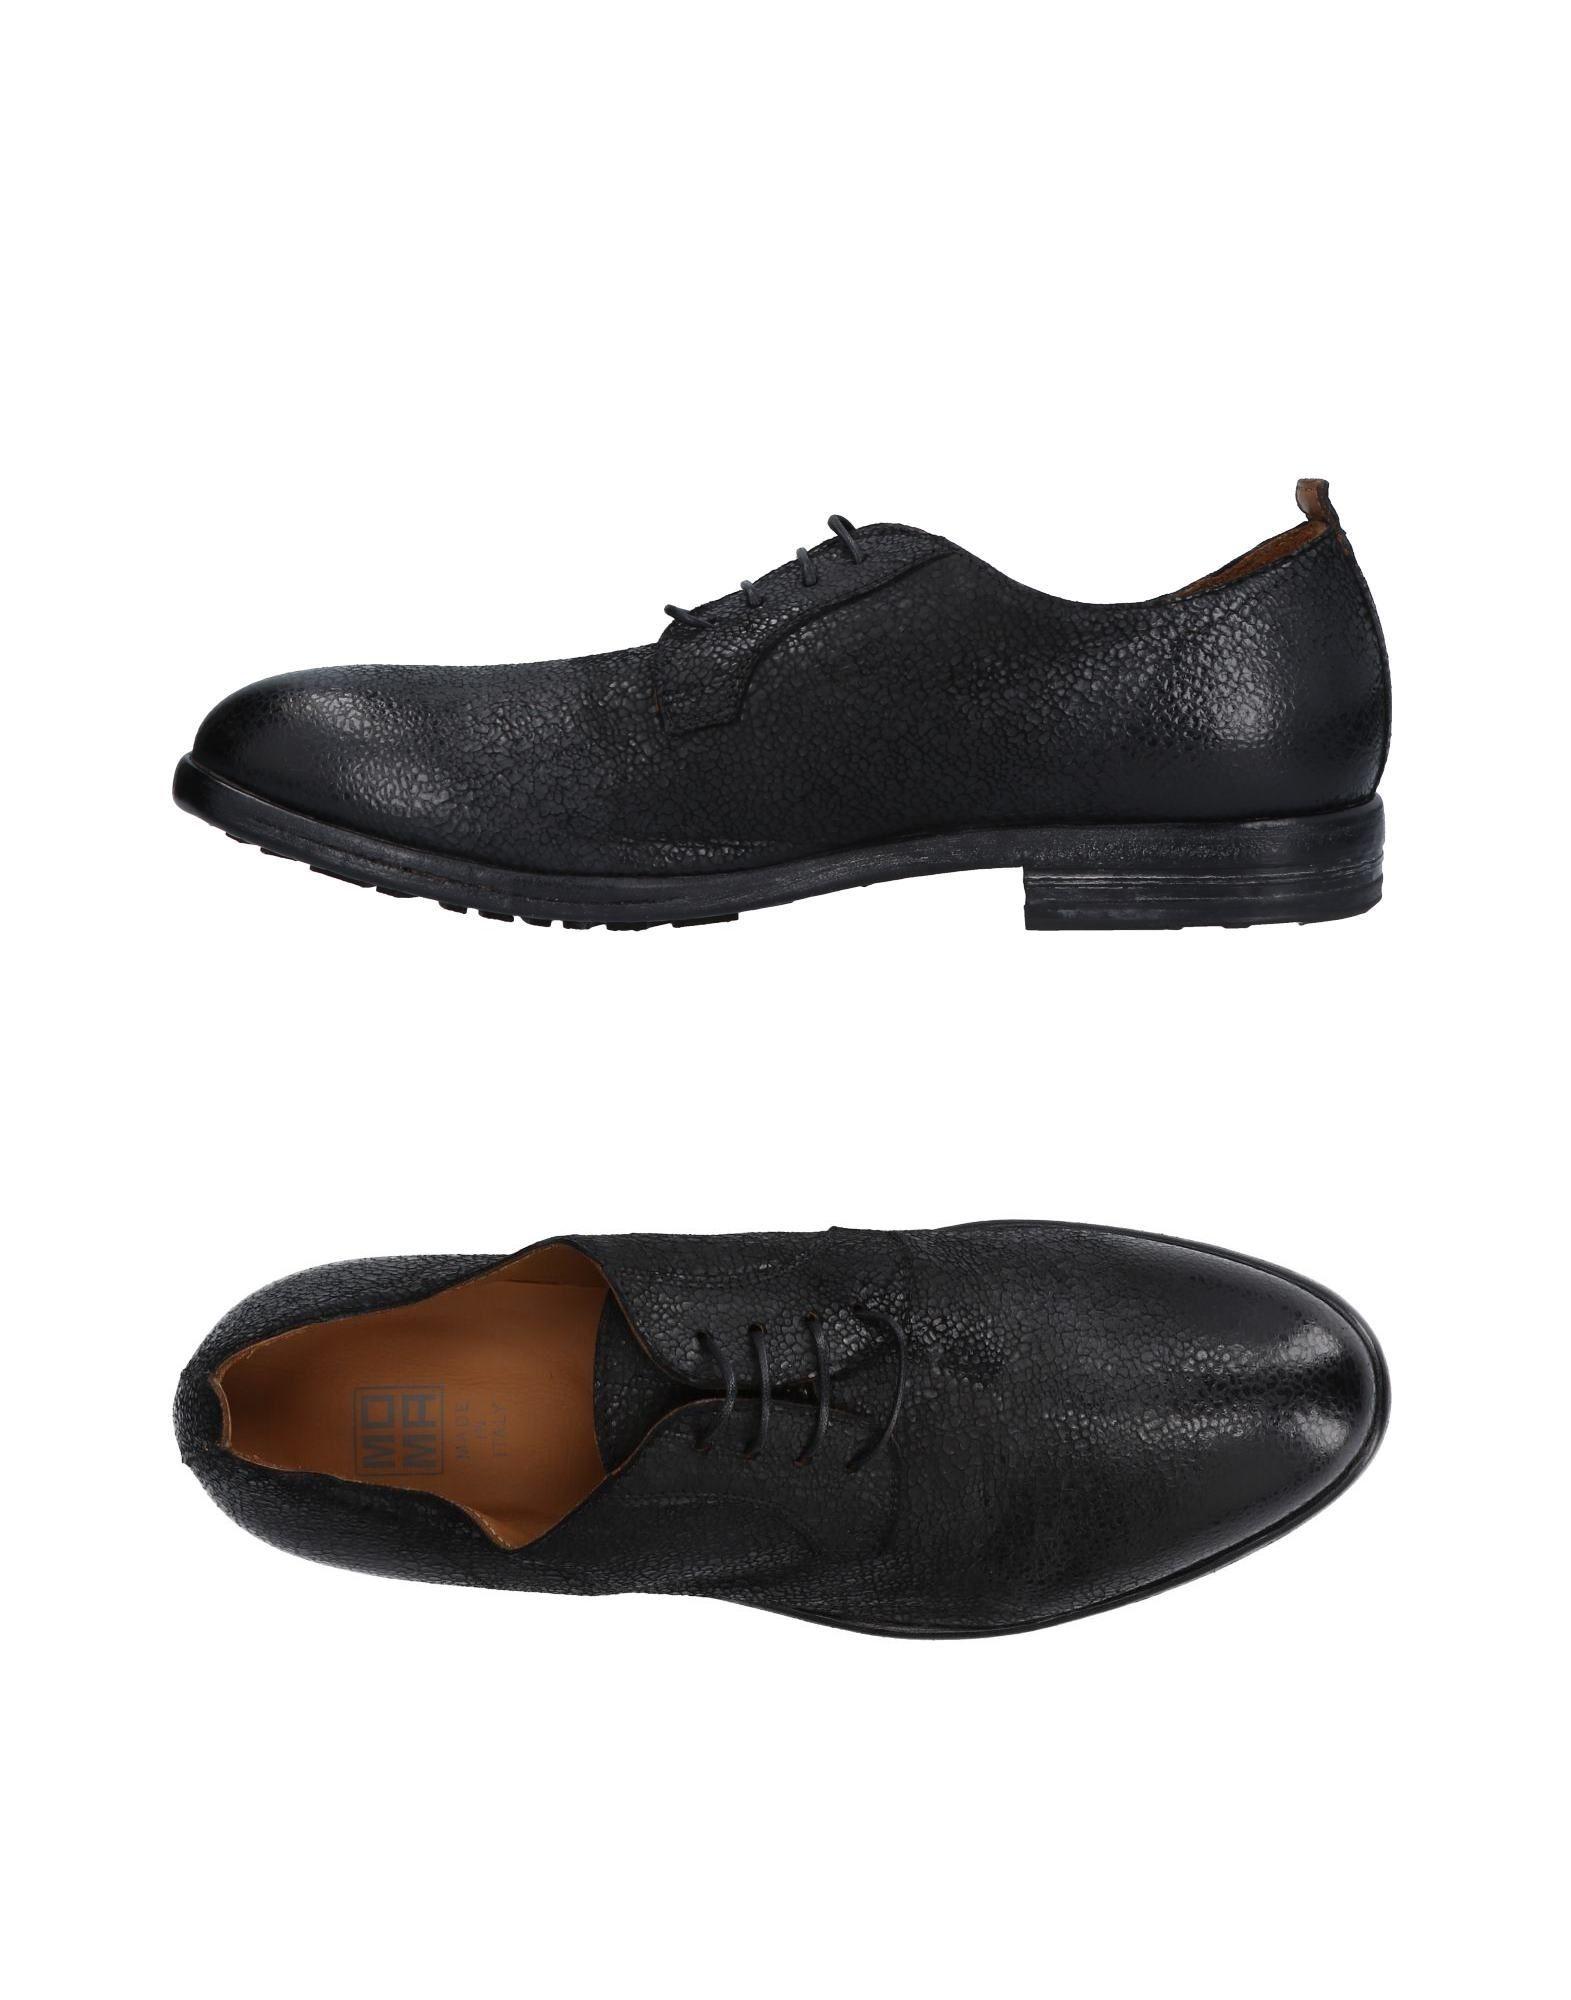 Moma Schnürschuhe Herren  11471356XH Gute Qualität beliebte Schuhe